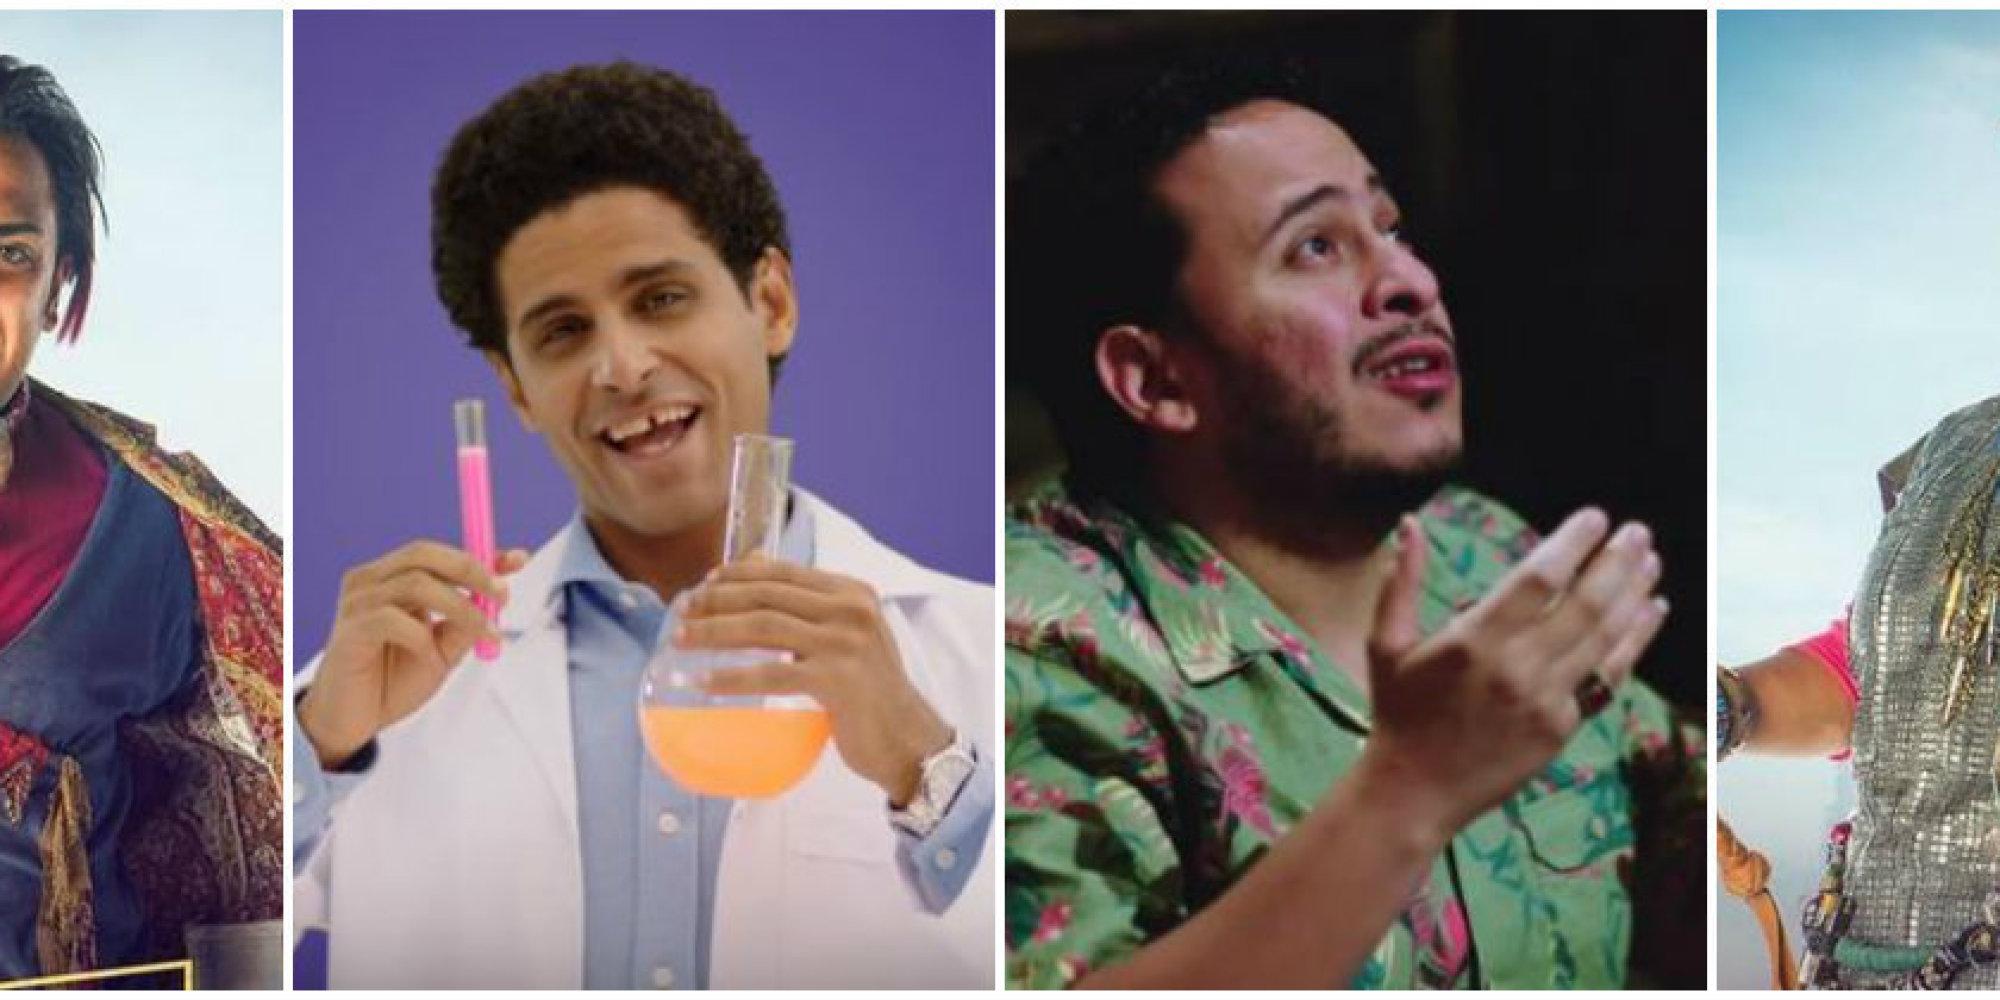 نجوم مسرح مصر يغزون مسلسلات رمضان.. وانتقاداتٌ لكوميديا  السخرية  و الإيفيهات المكرَّرة